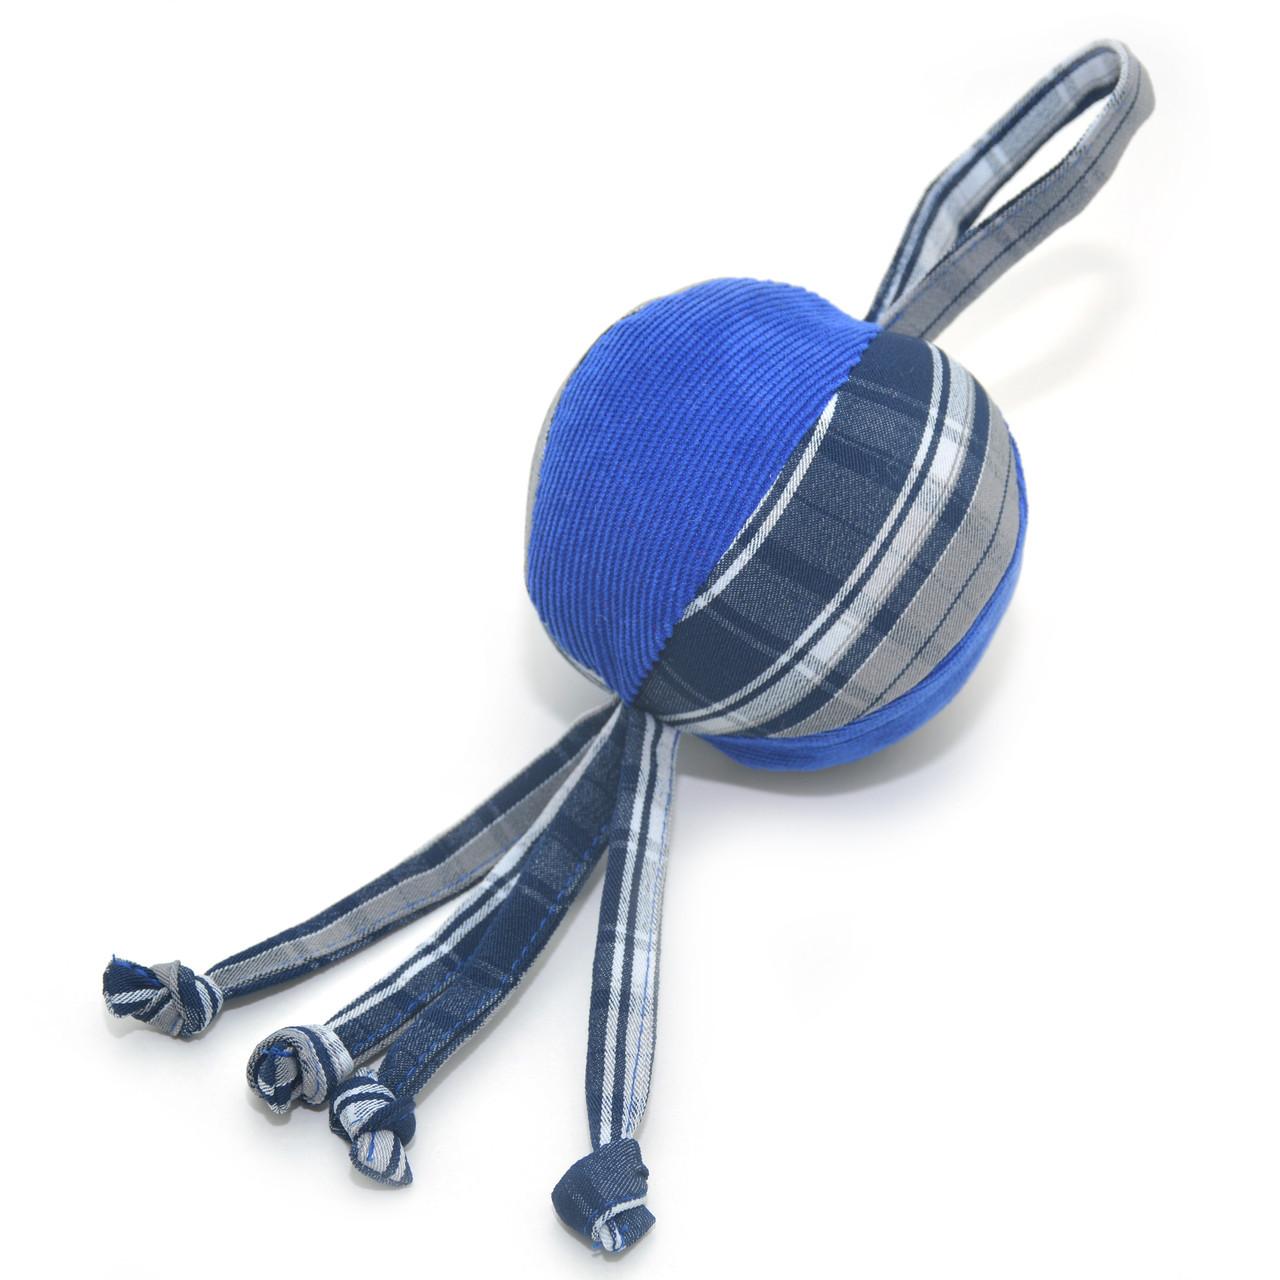 Игрушка для собак и котов Мячик клетка синий